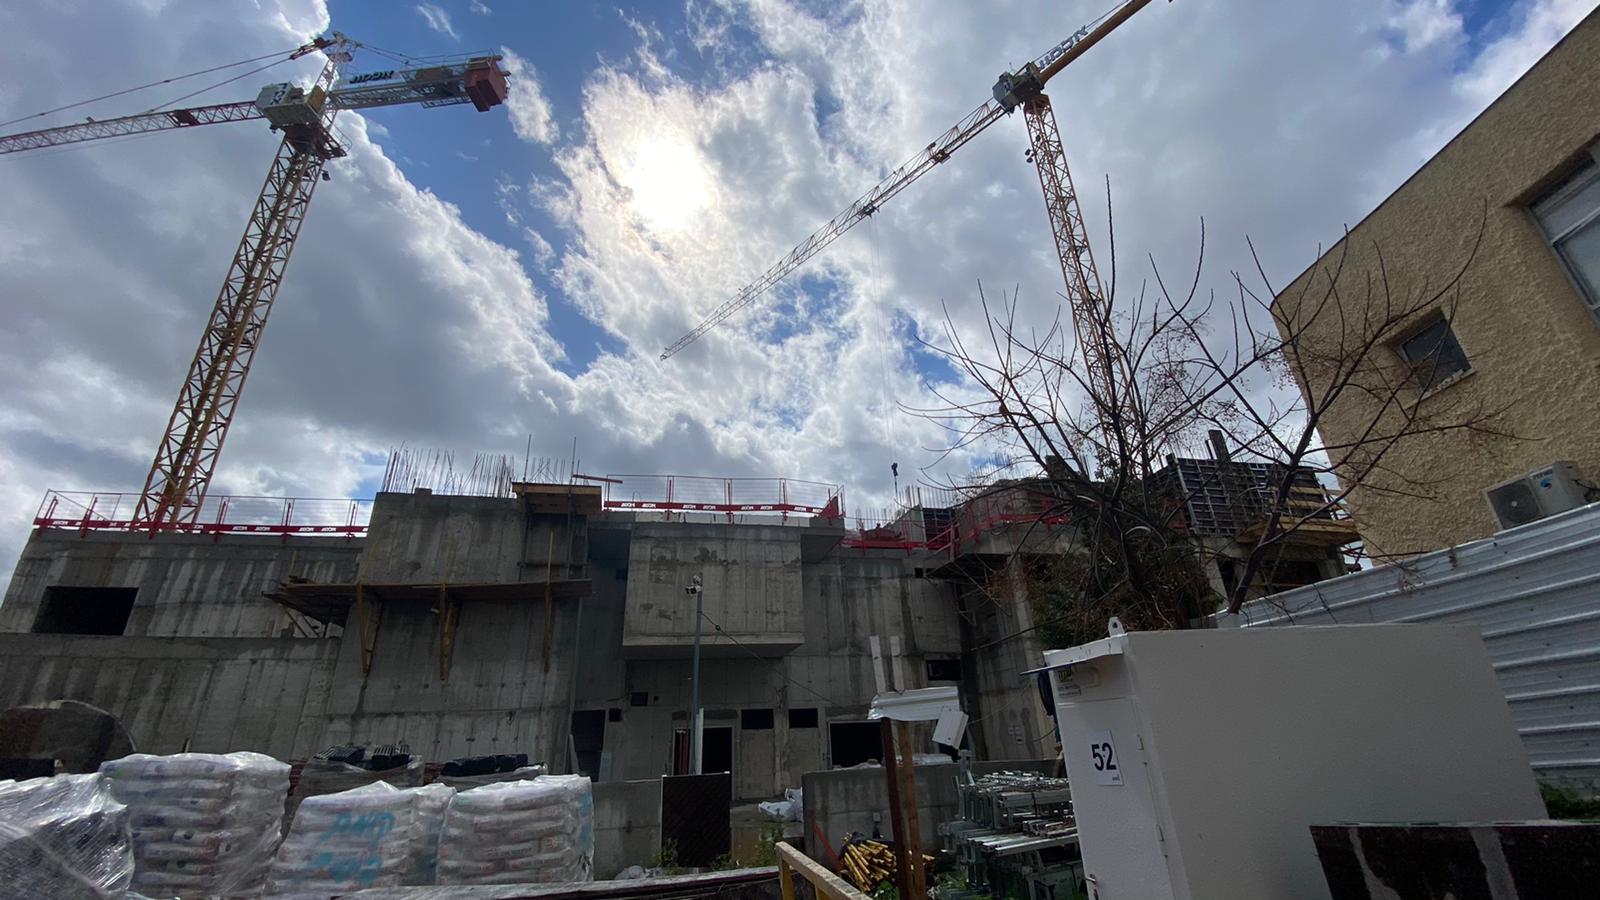 שלד קירות קומה ראשונה ותחילת עבודות תקרה קומה שנייה. 23.02.2021